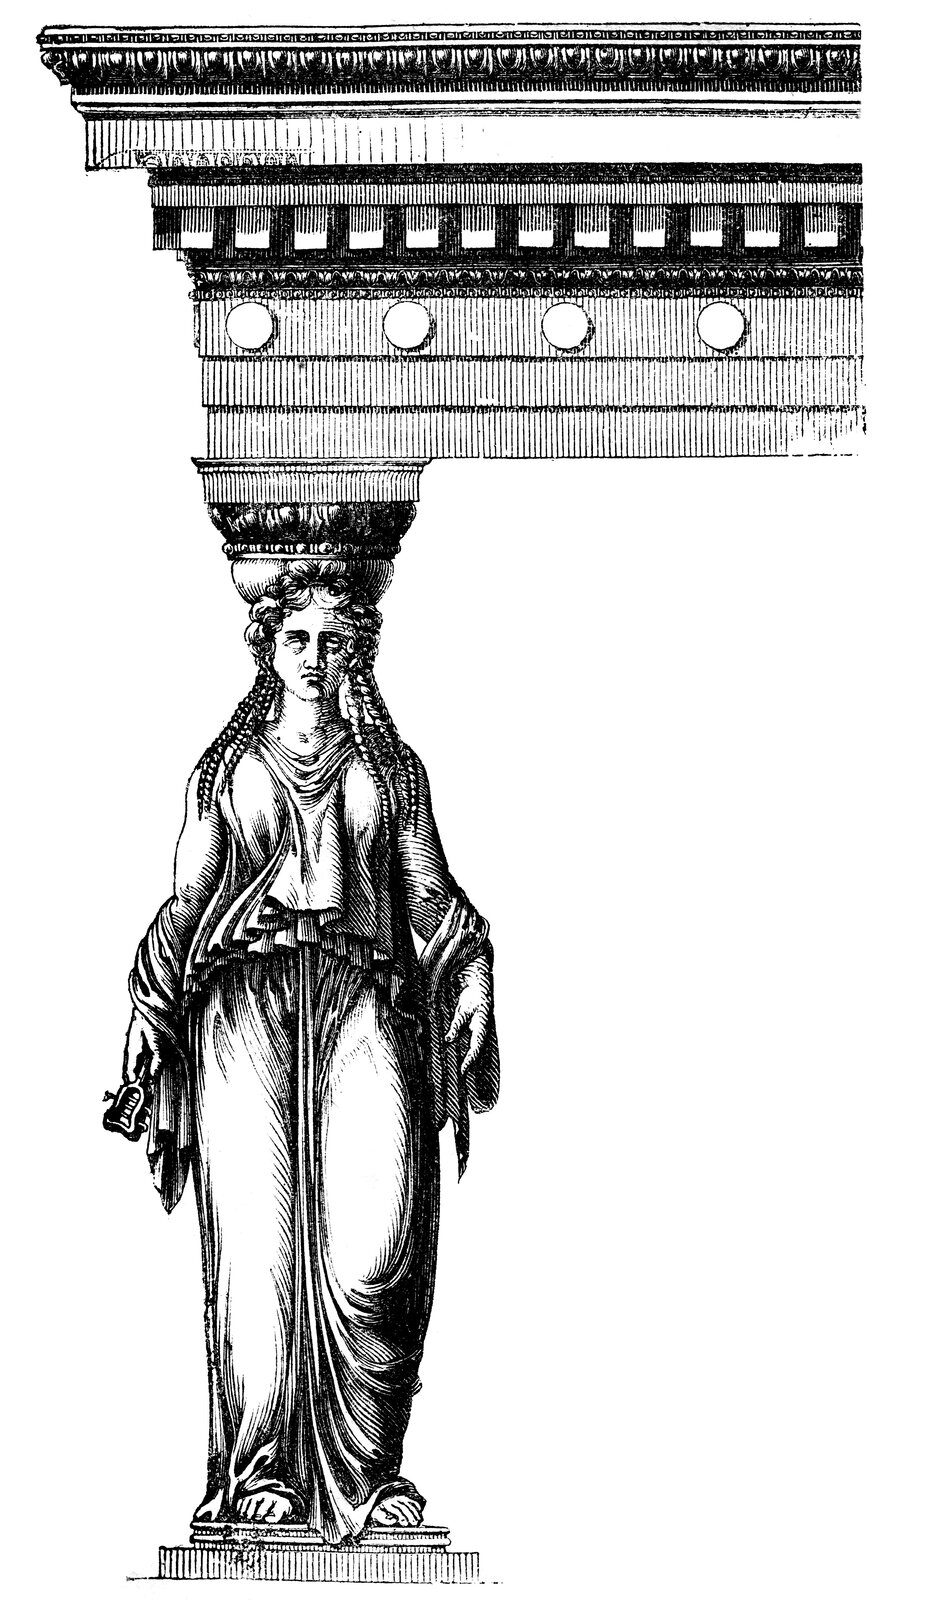 Ilustracja przedstawiająca ornament: kariatyda. Element dekoracyjny naszkicowany jest czarnym kolorem. Kolumne tworzy stojąca kobieta, która trzyma dach.